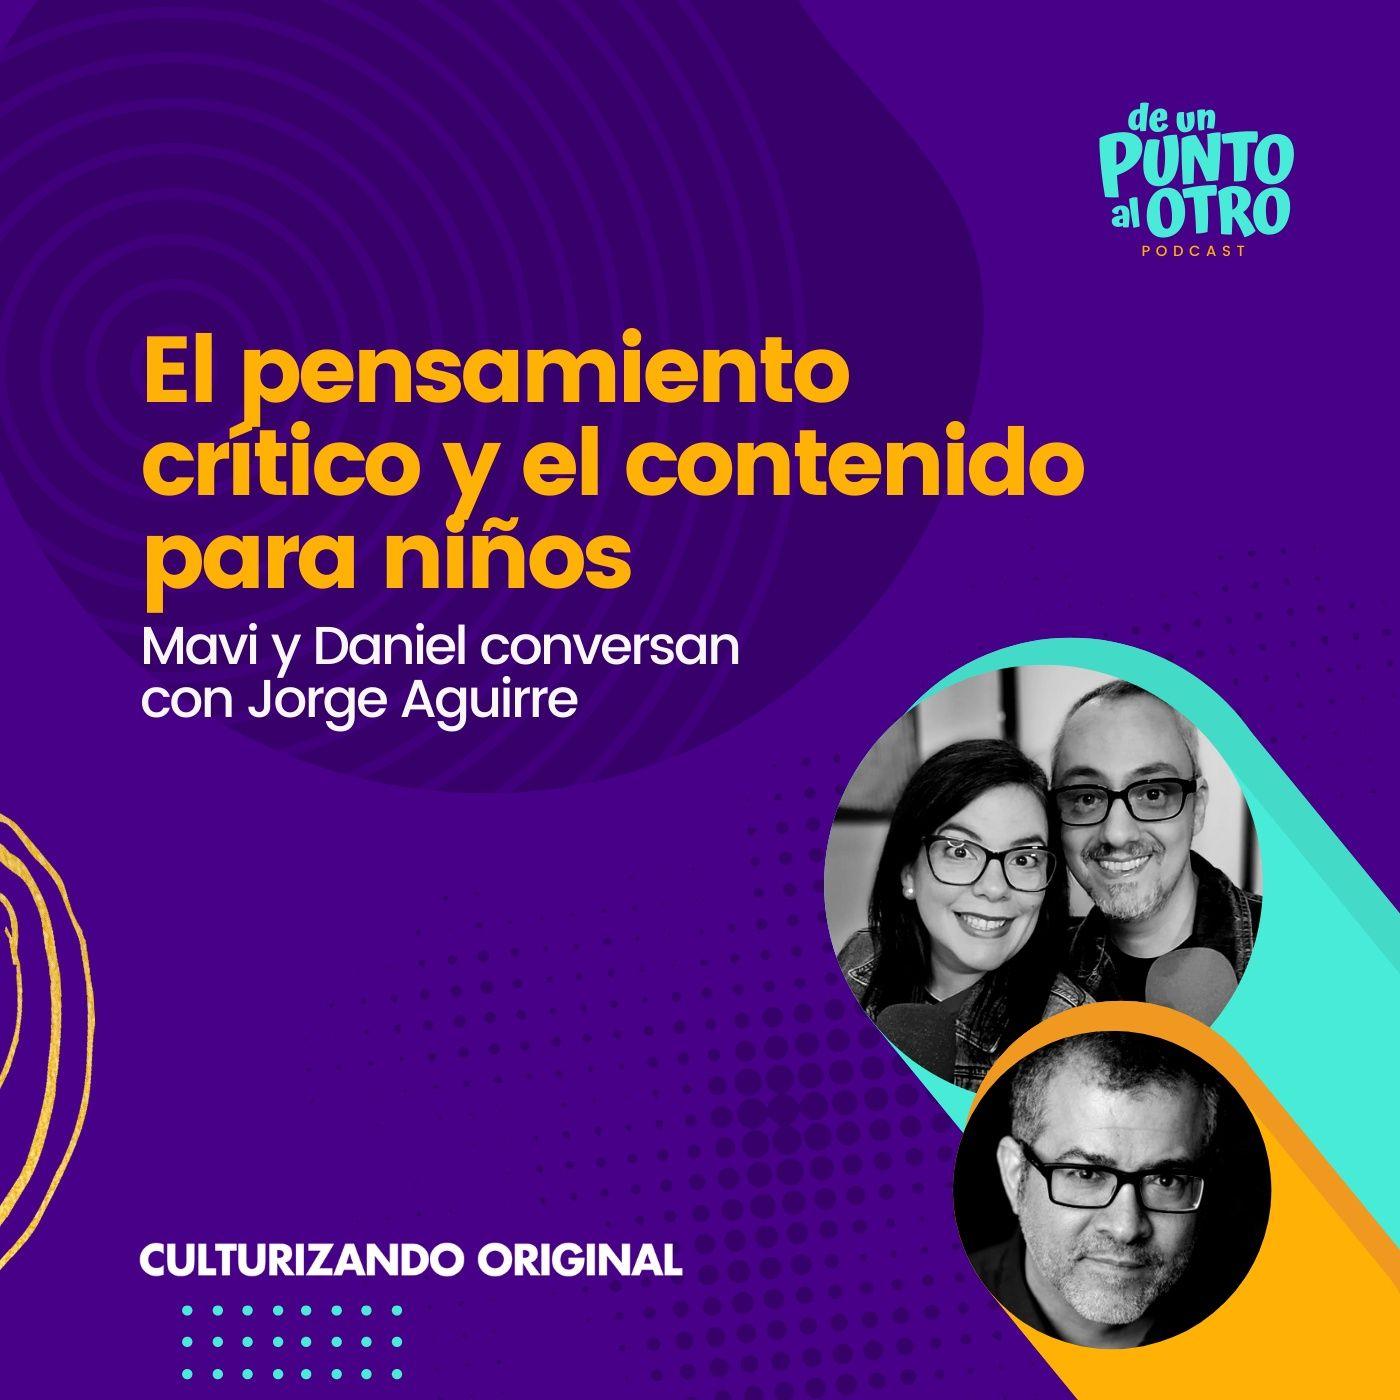 E52 • El pensamiento crítico y el contenido para niños, con Jorge Aguirre • De un punto al otro • DUPAO.NEWS